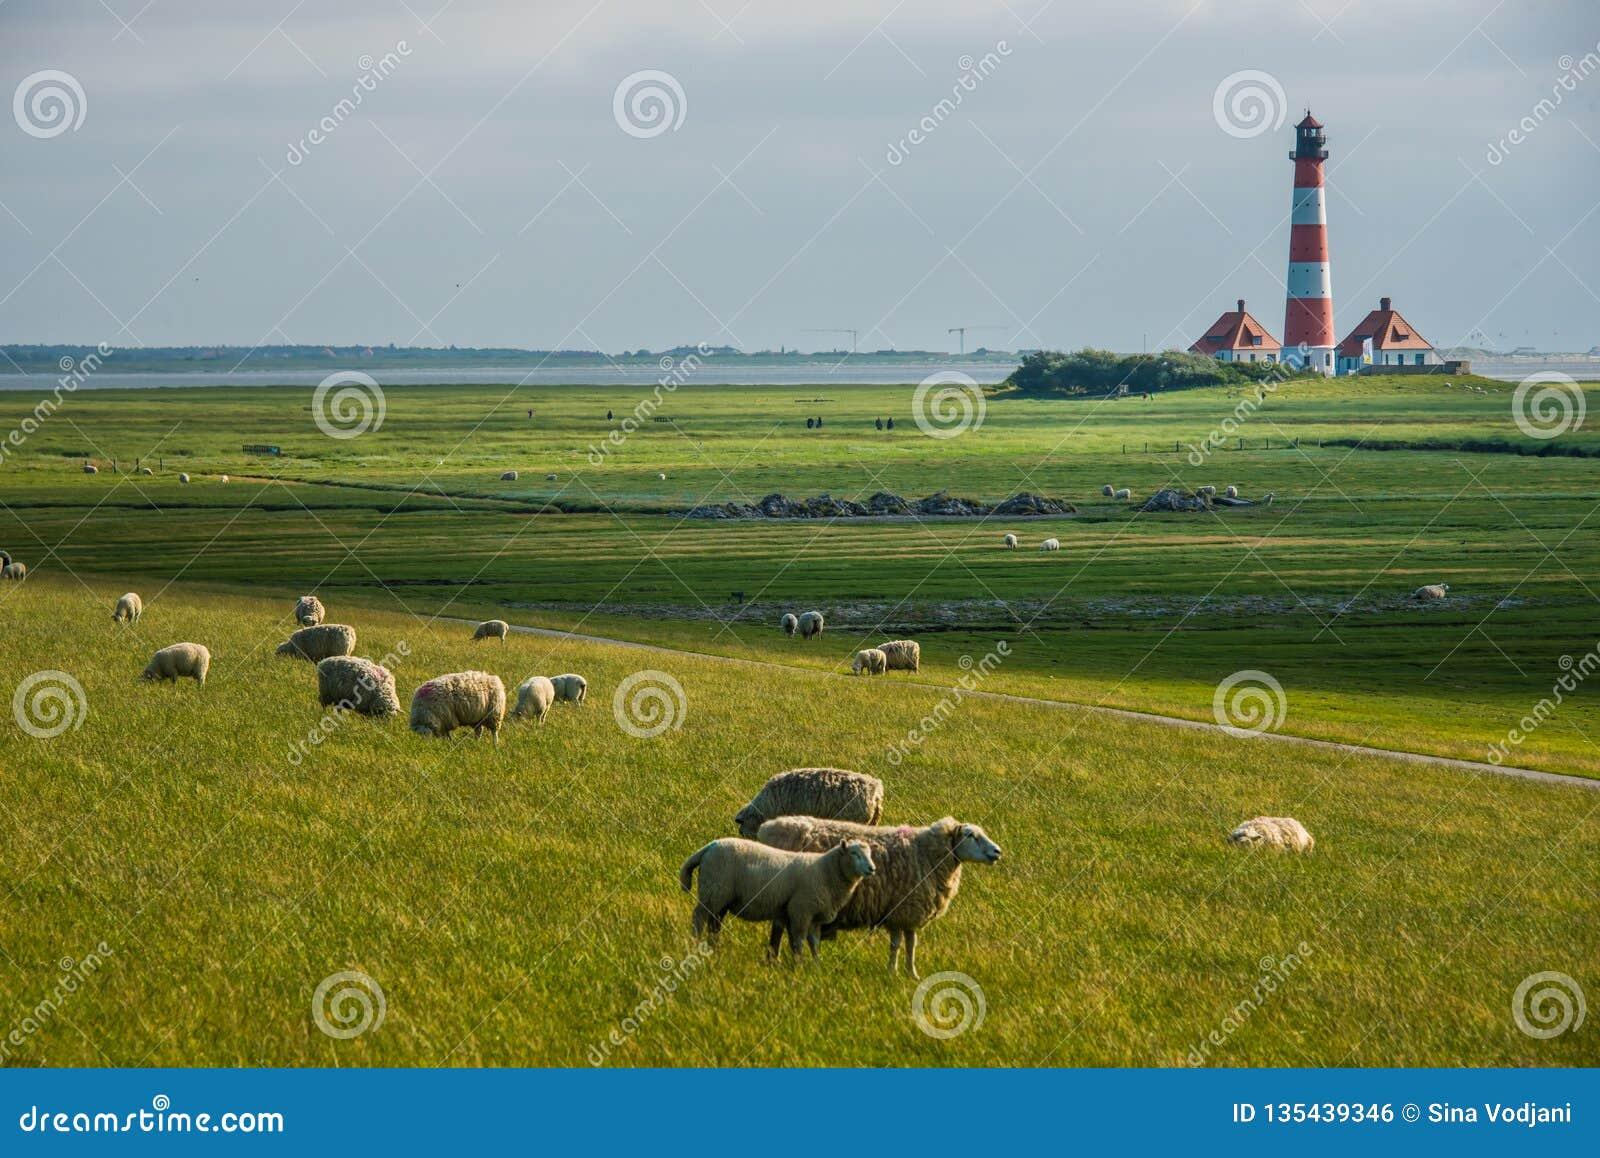 Lighthouse westerhever sheep field Sankt Peter Ording